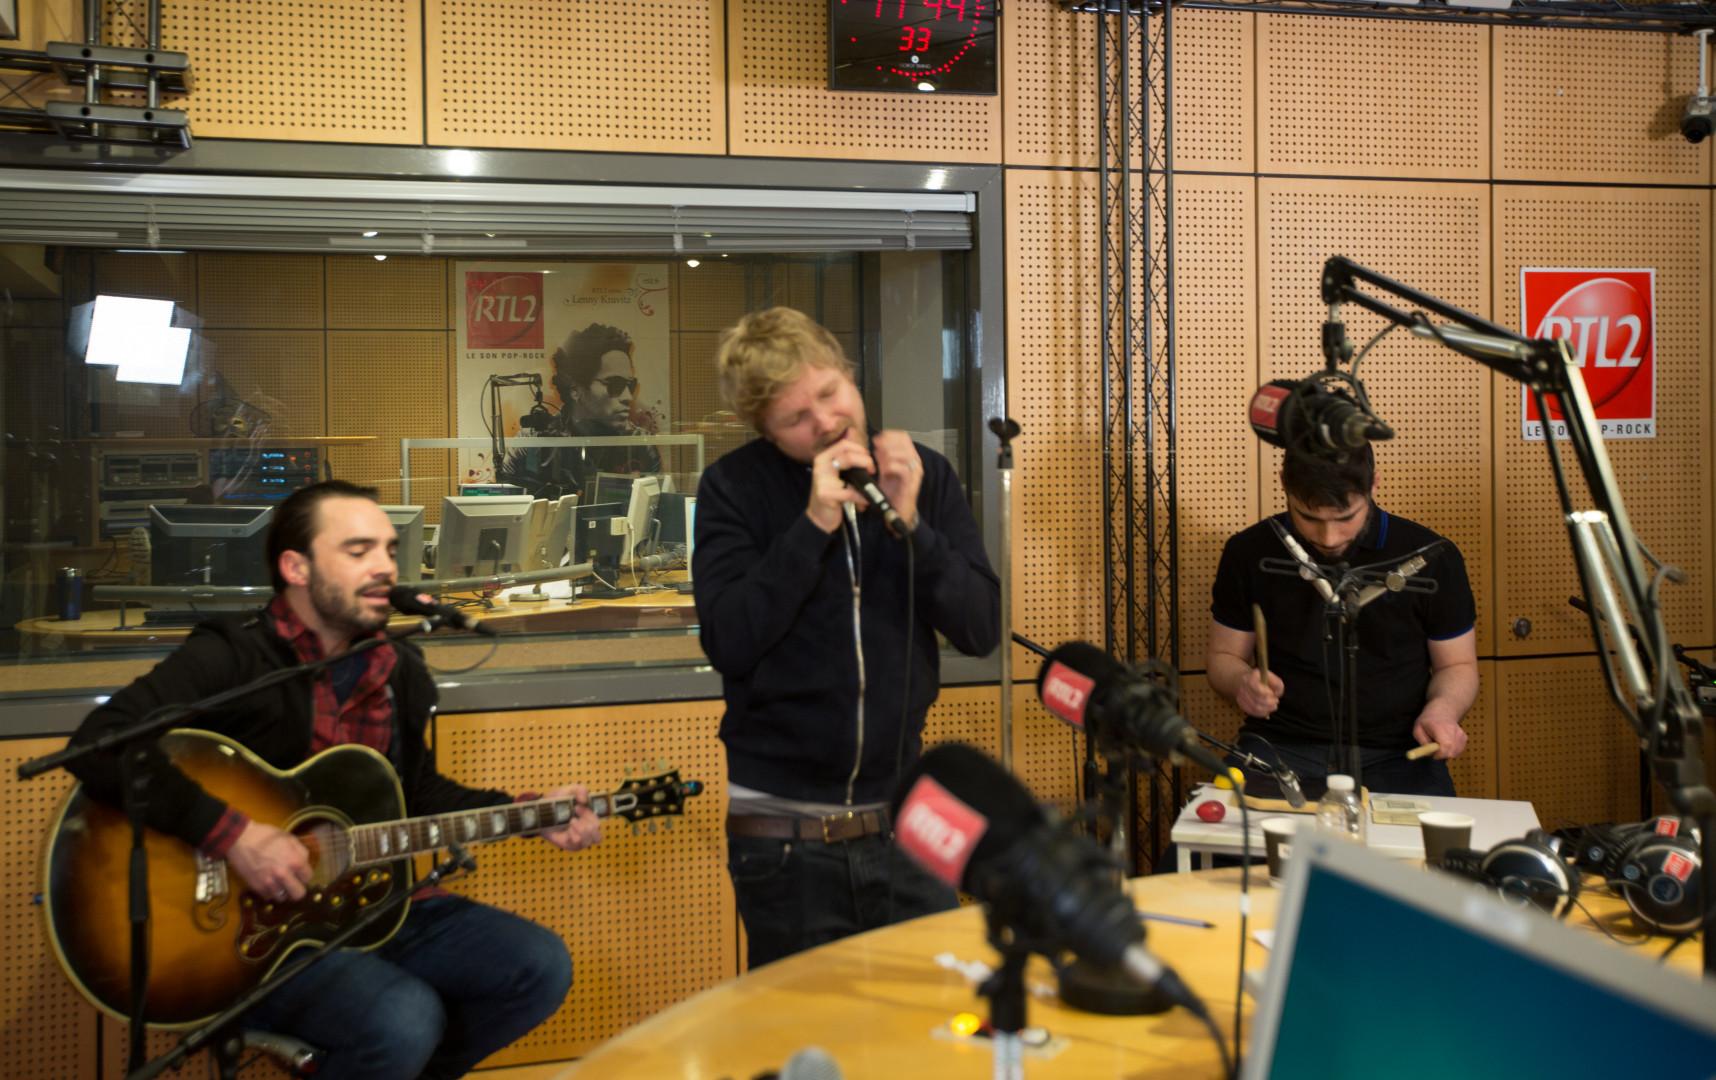 KYO en session acoustique dans les studios de RTL2